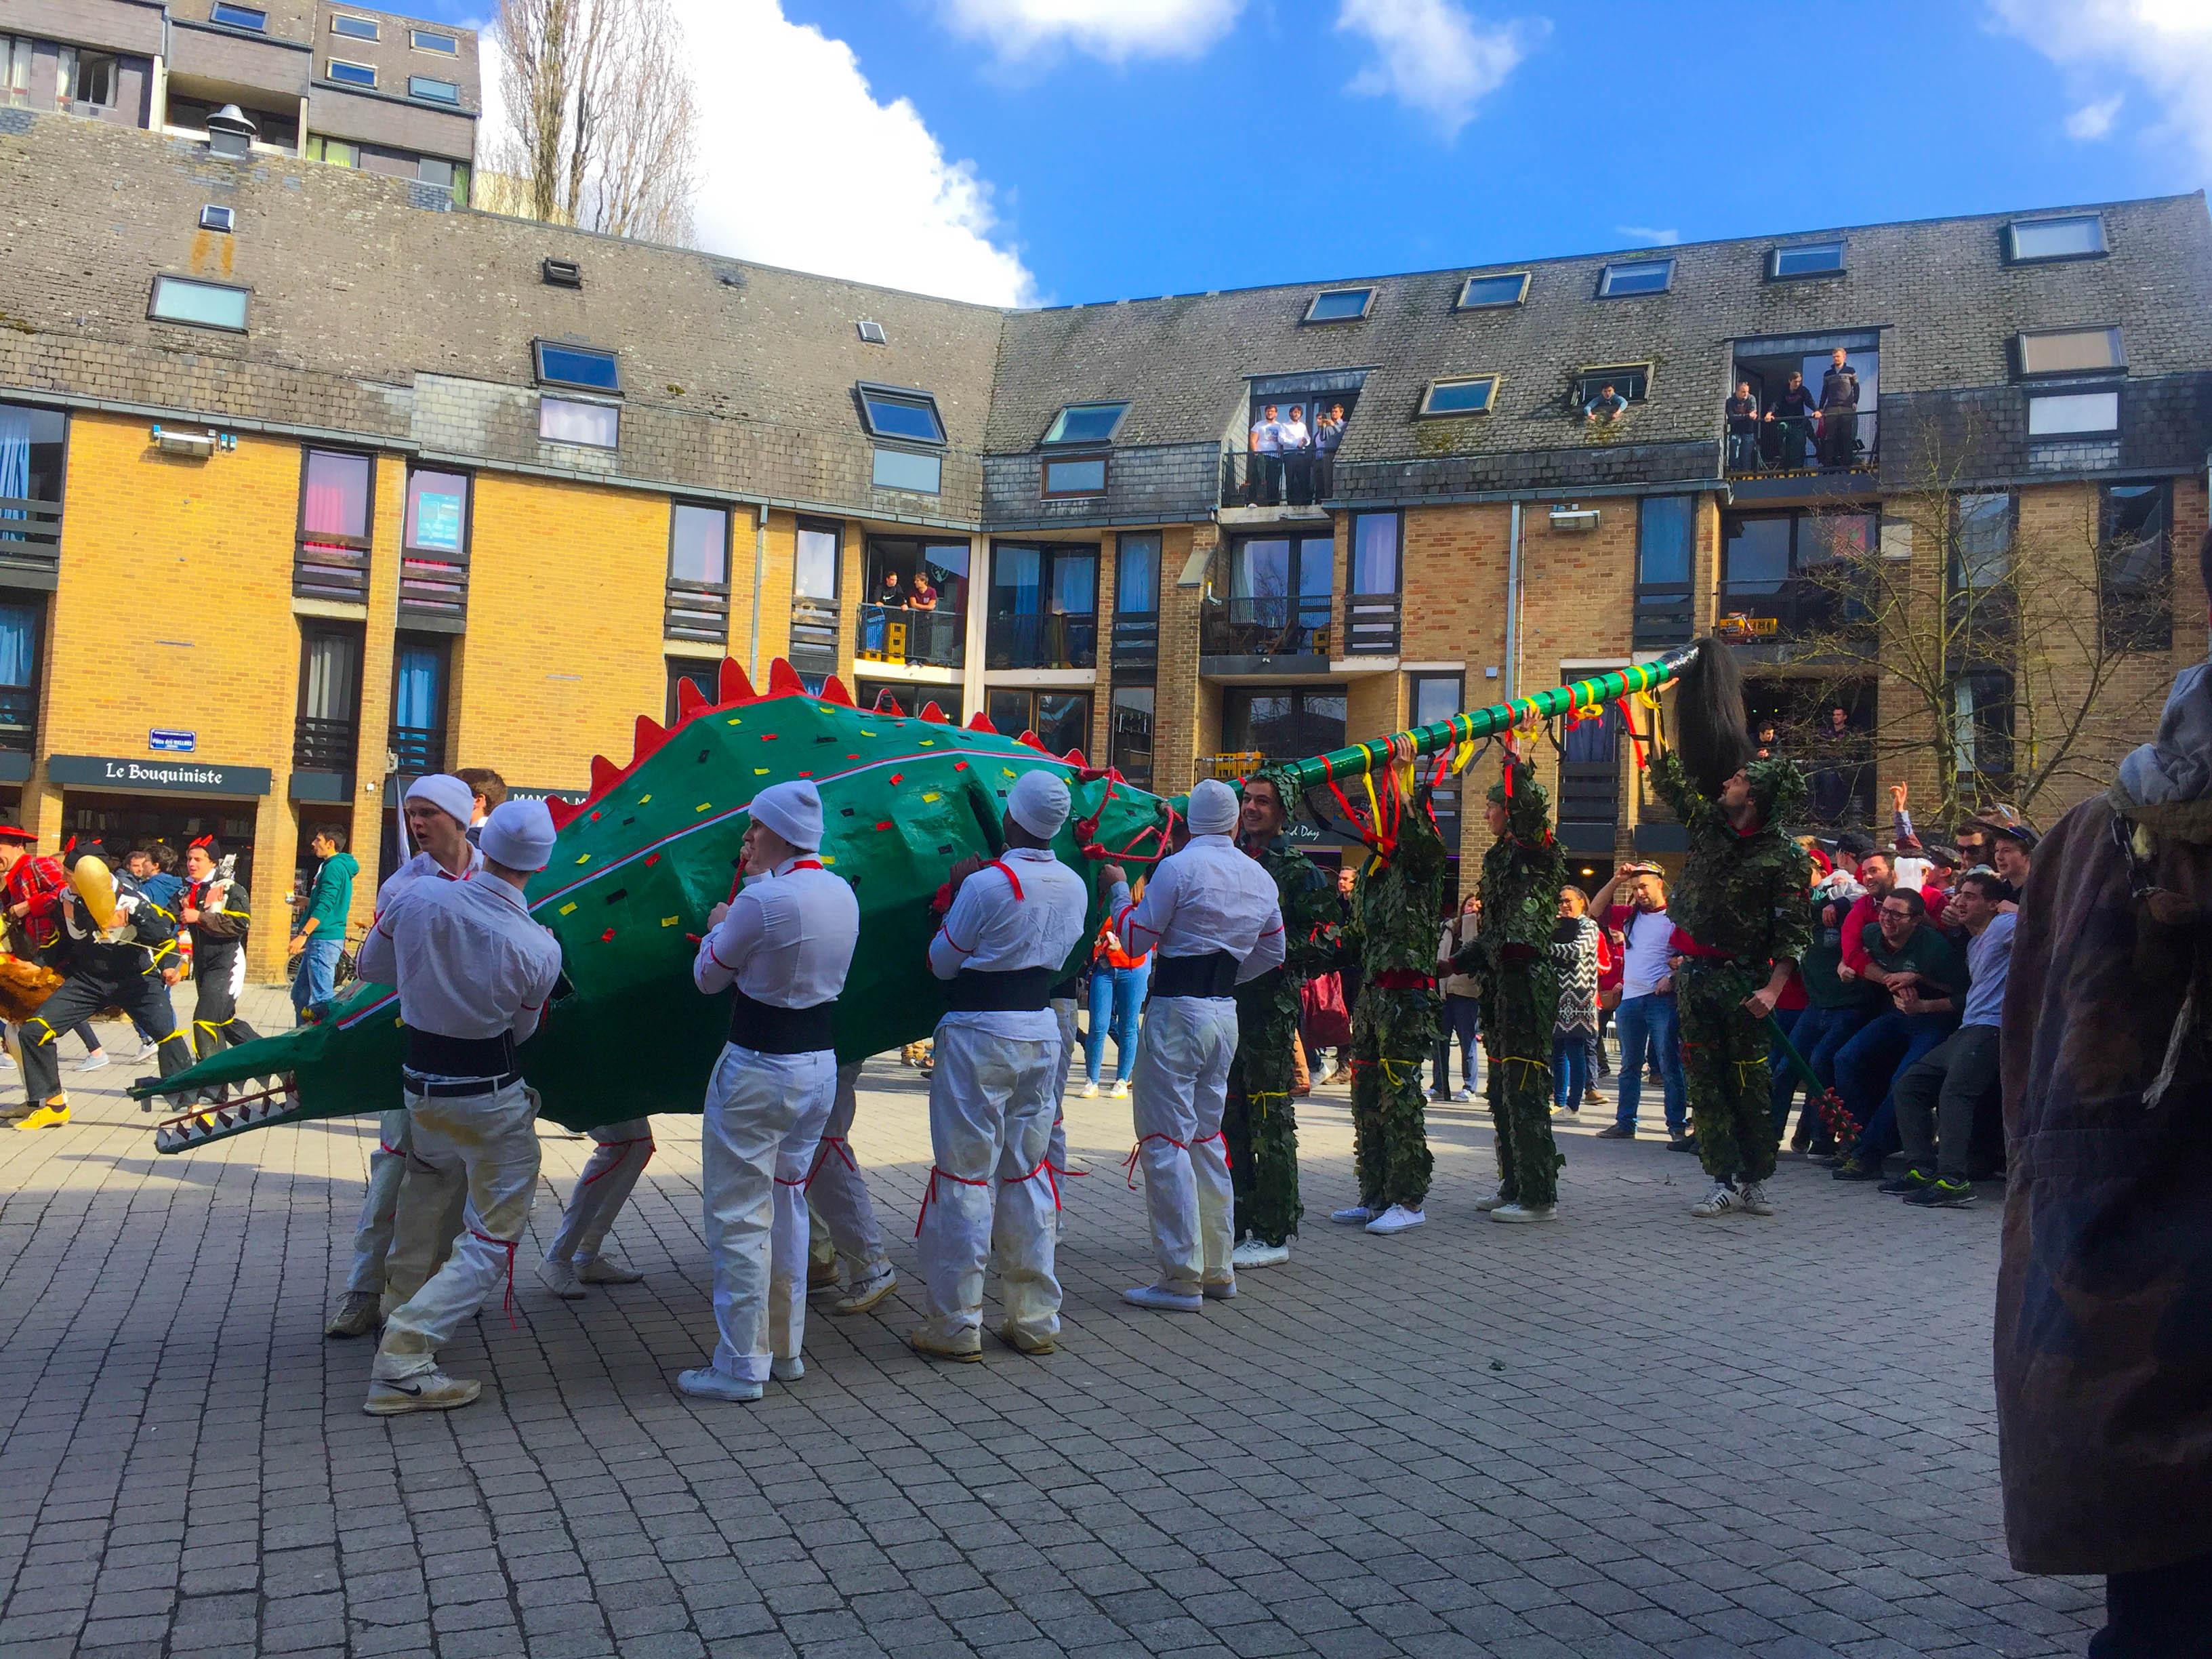 【比利時 - 新魯汶大學】比利時的傳統節慶-屠龍節,每年都會在蒙斯舉辦,今年為加深年輕人對傳統文化的認知,提早在新魯汶鎮上重現這個重要的節慶,我們可以在路上看到龍的身影,並有許許多多穿著中古時代衣服的男女老少,成群結隊地跟在龍的後面。                                                             (HYE4A 林奐妤)